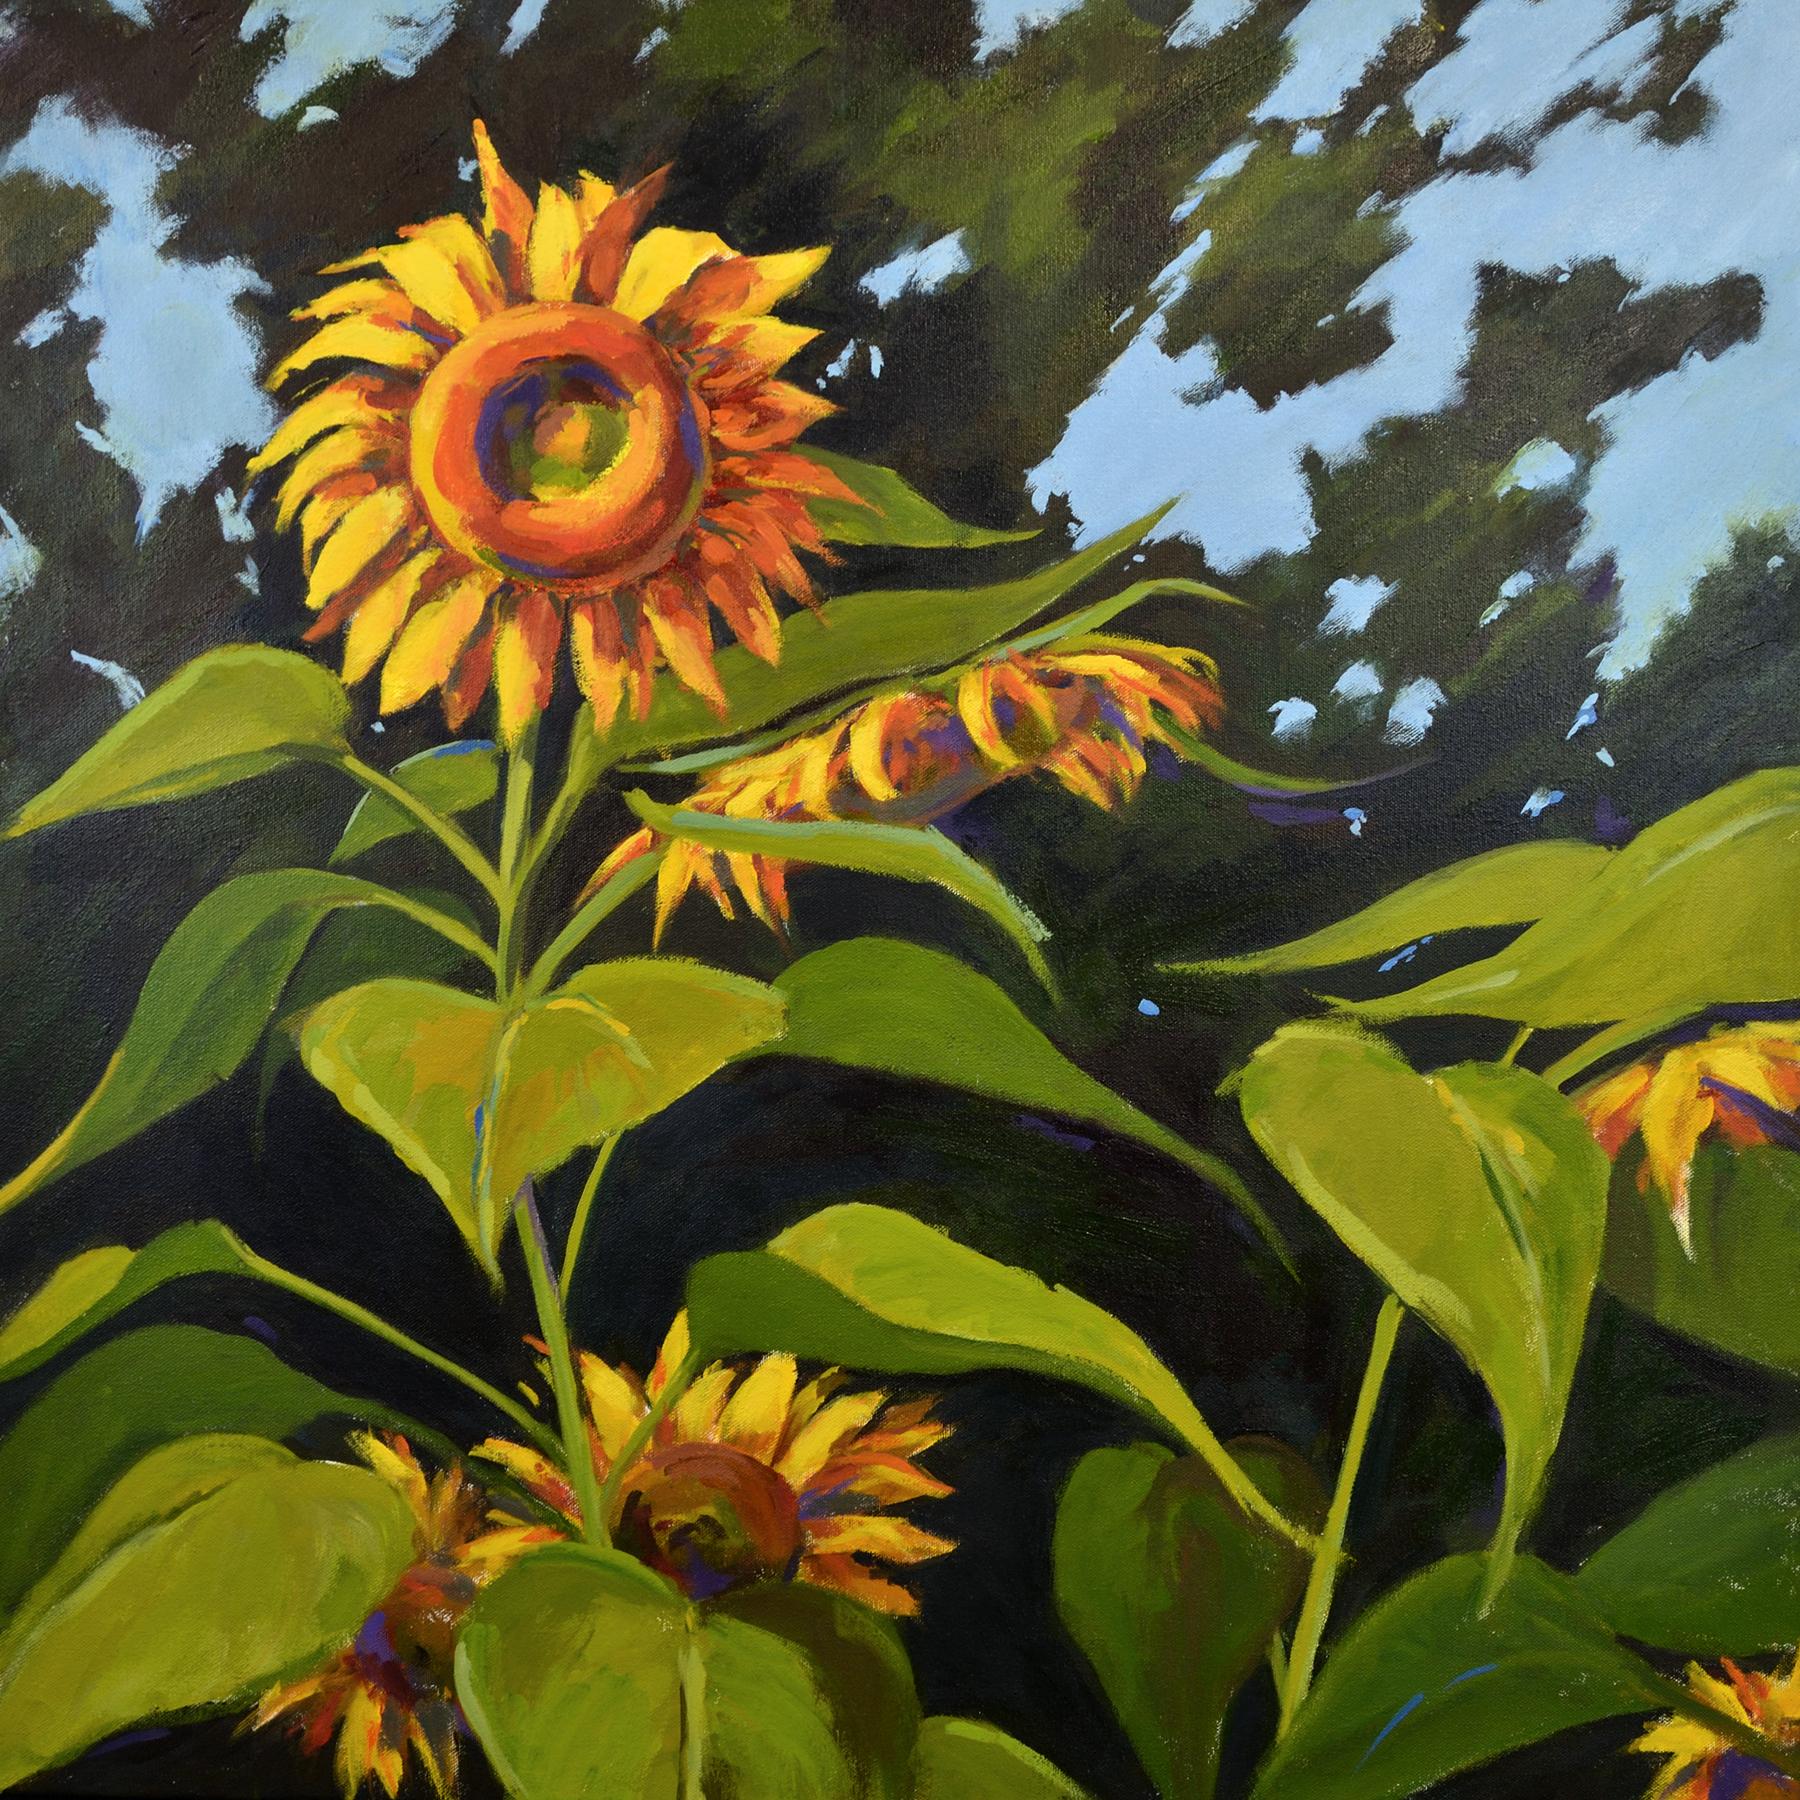 Hallgren largesunflowers 30x30 200dpi ptkjsi